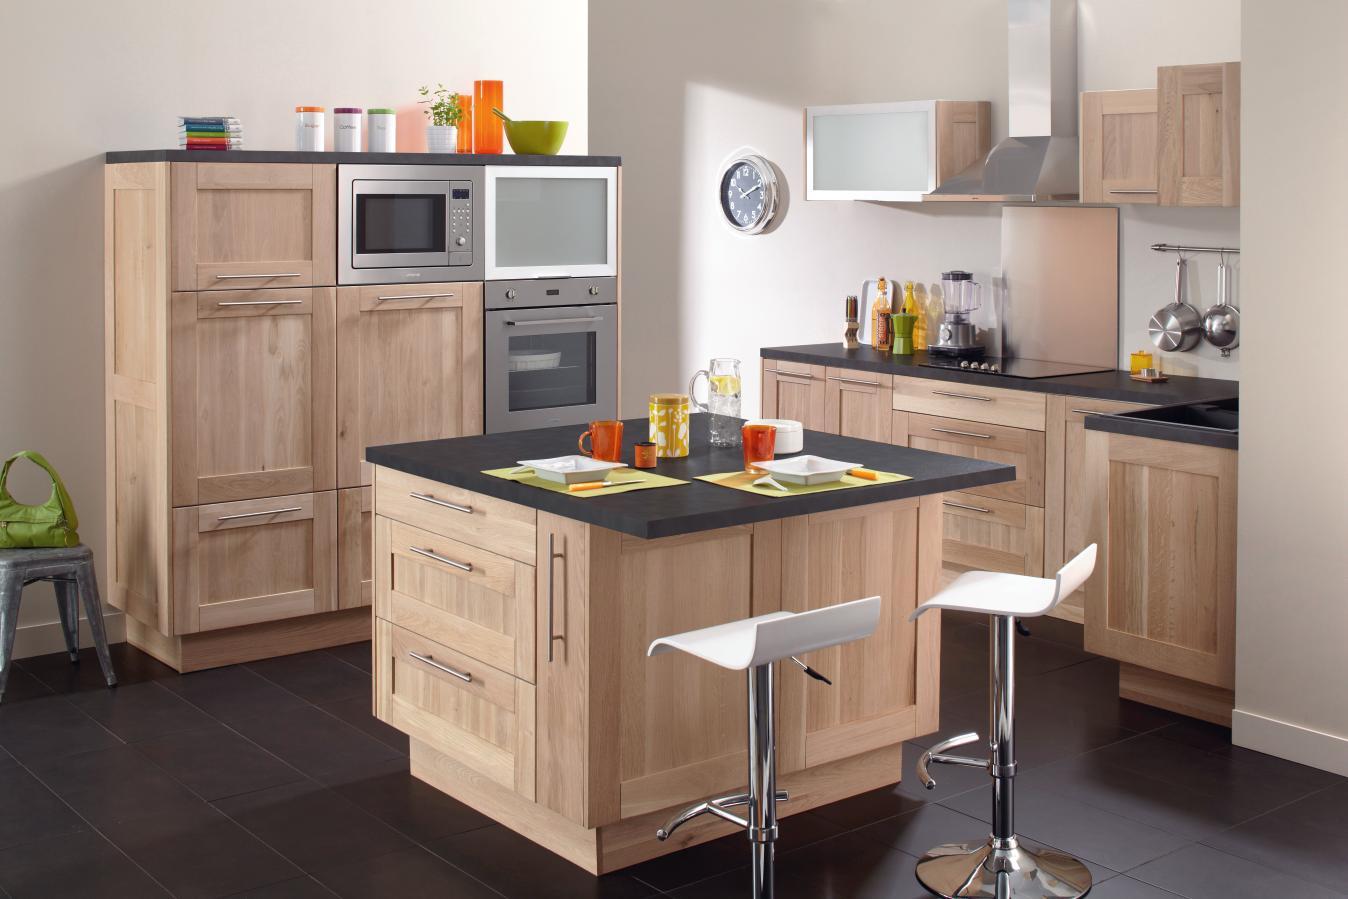 Peinture cuisine avec meuble chene id es de travaux - Couleur mur cuisine ...